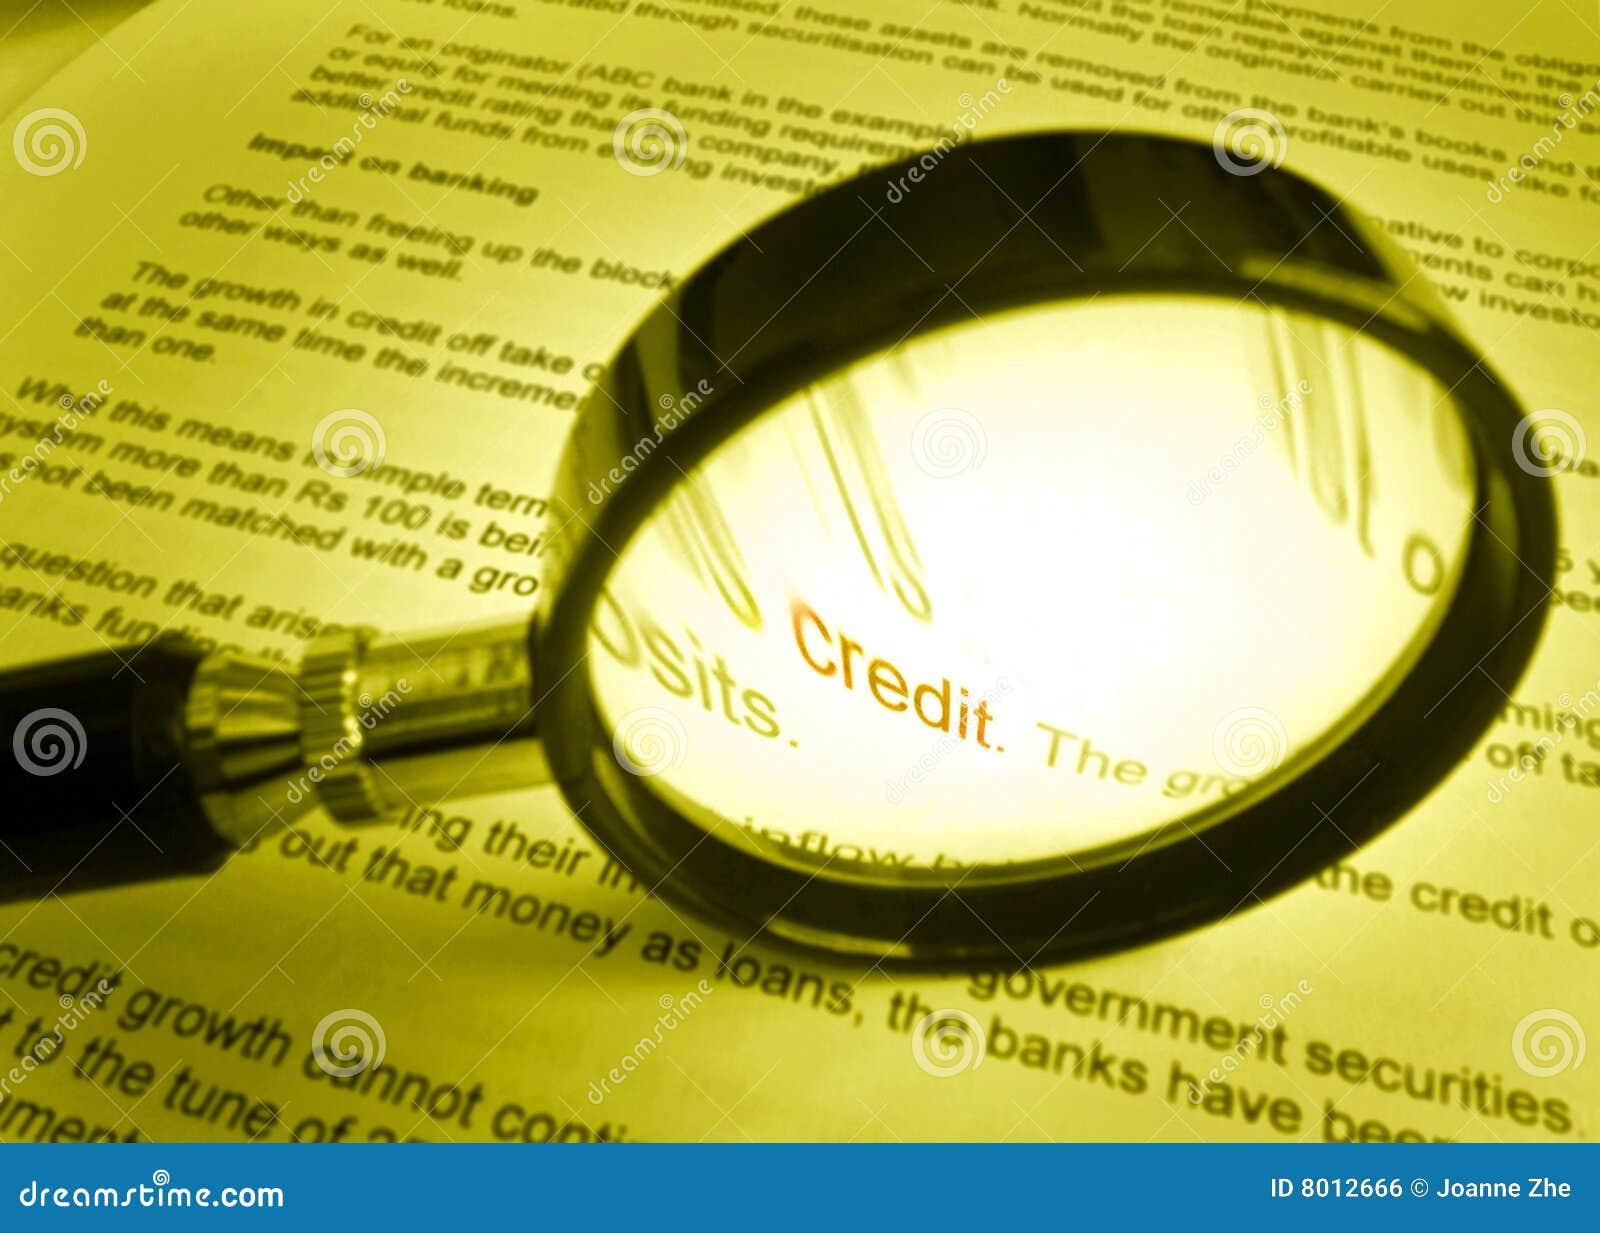 Estudie sobre las finanzas - crédito